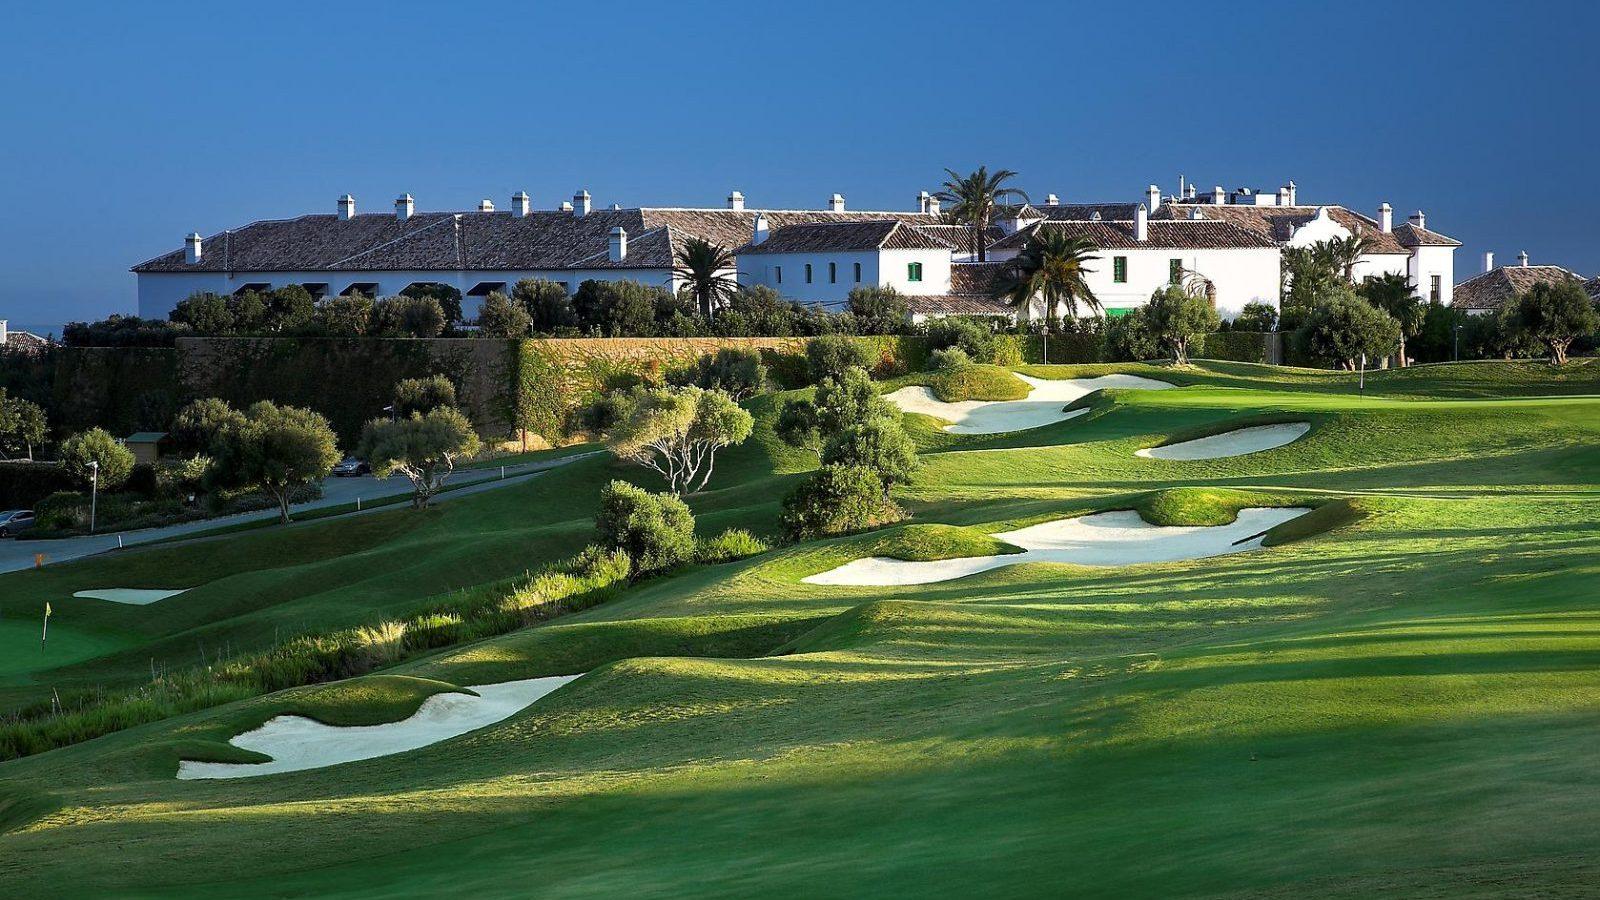 Costa-del-Sol-Spain-Golf-Finca-Cortesin